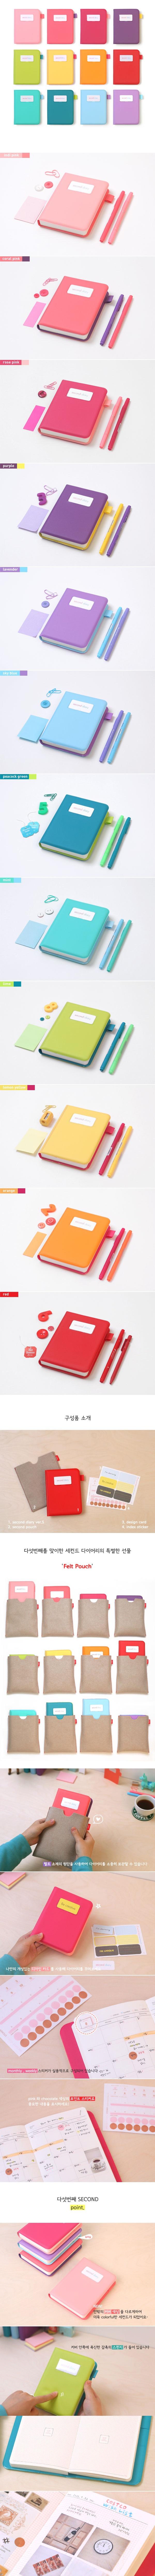 cool handy office supplies. K-Styleme Planner / Journal   Cool Office Supplies, Fun Desk Accessories, Handy Supplies D